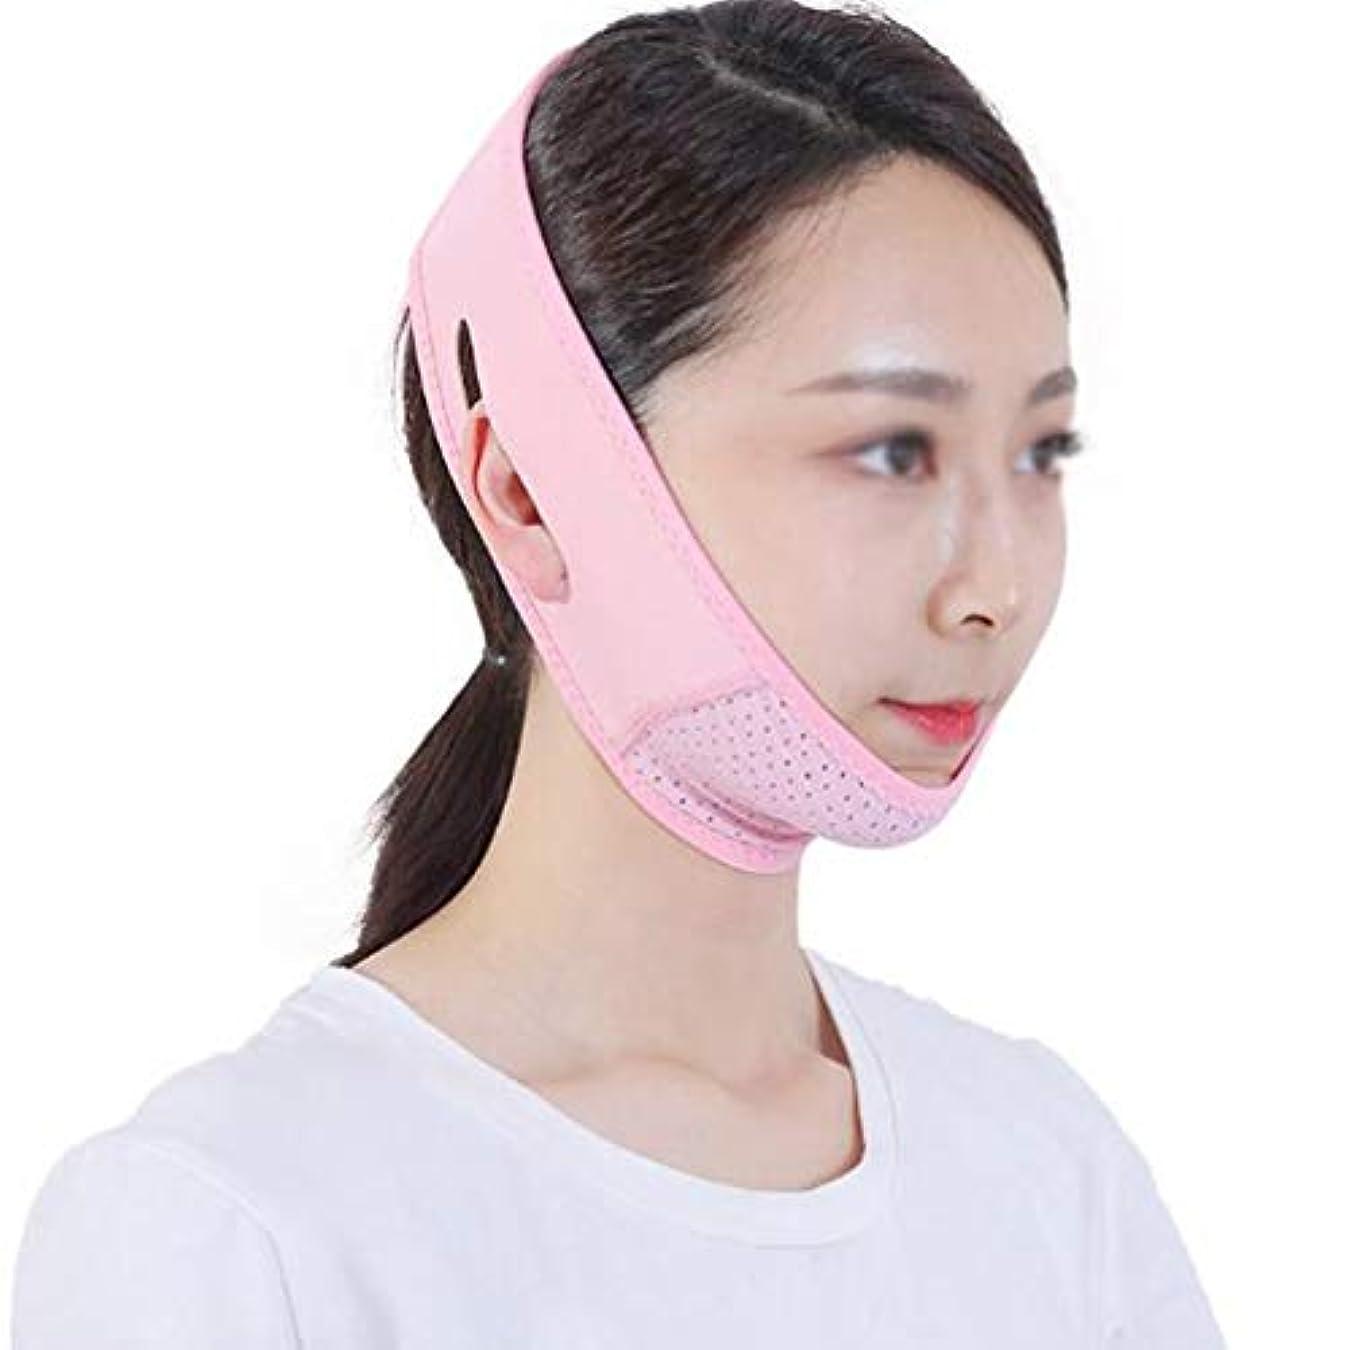 扇動するアトラスプールHeallily フェイスリフティングVバンドフェイスシェイパー無料あご頬リフトアップバンドフェイシャルslim身包帯